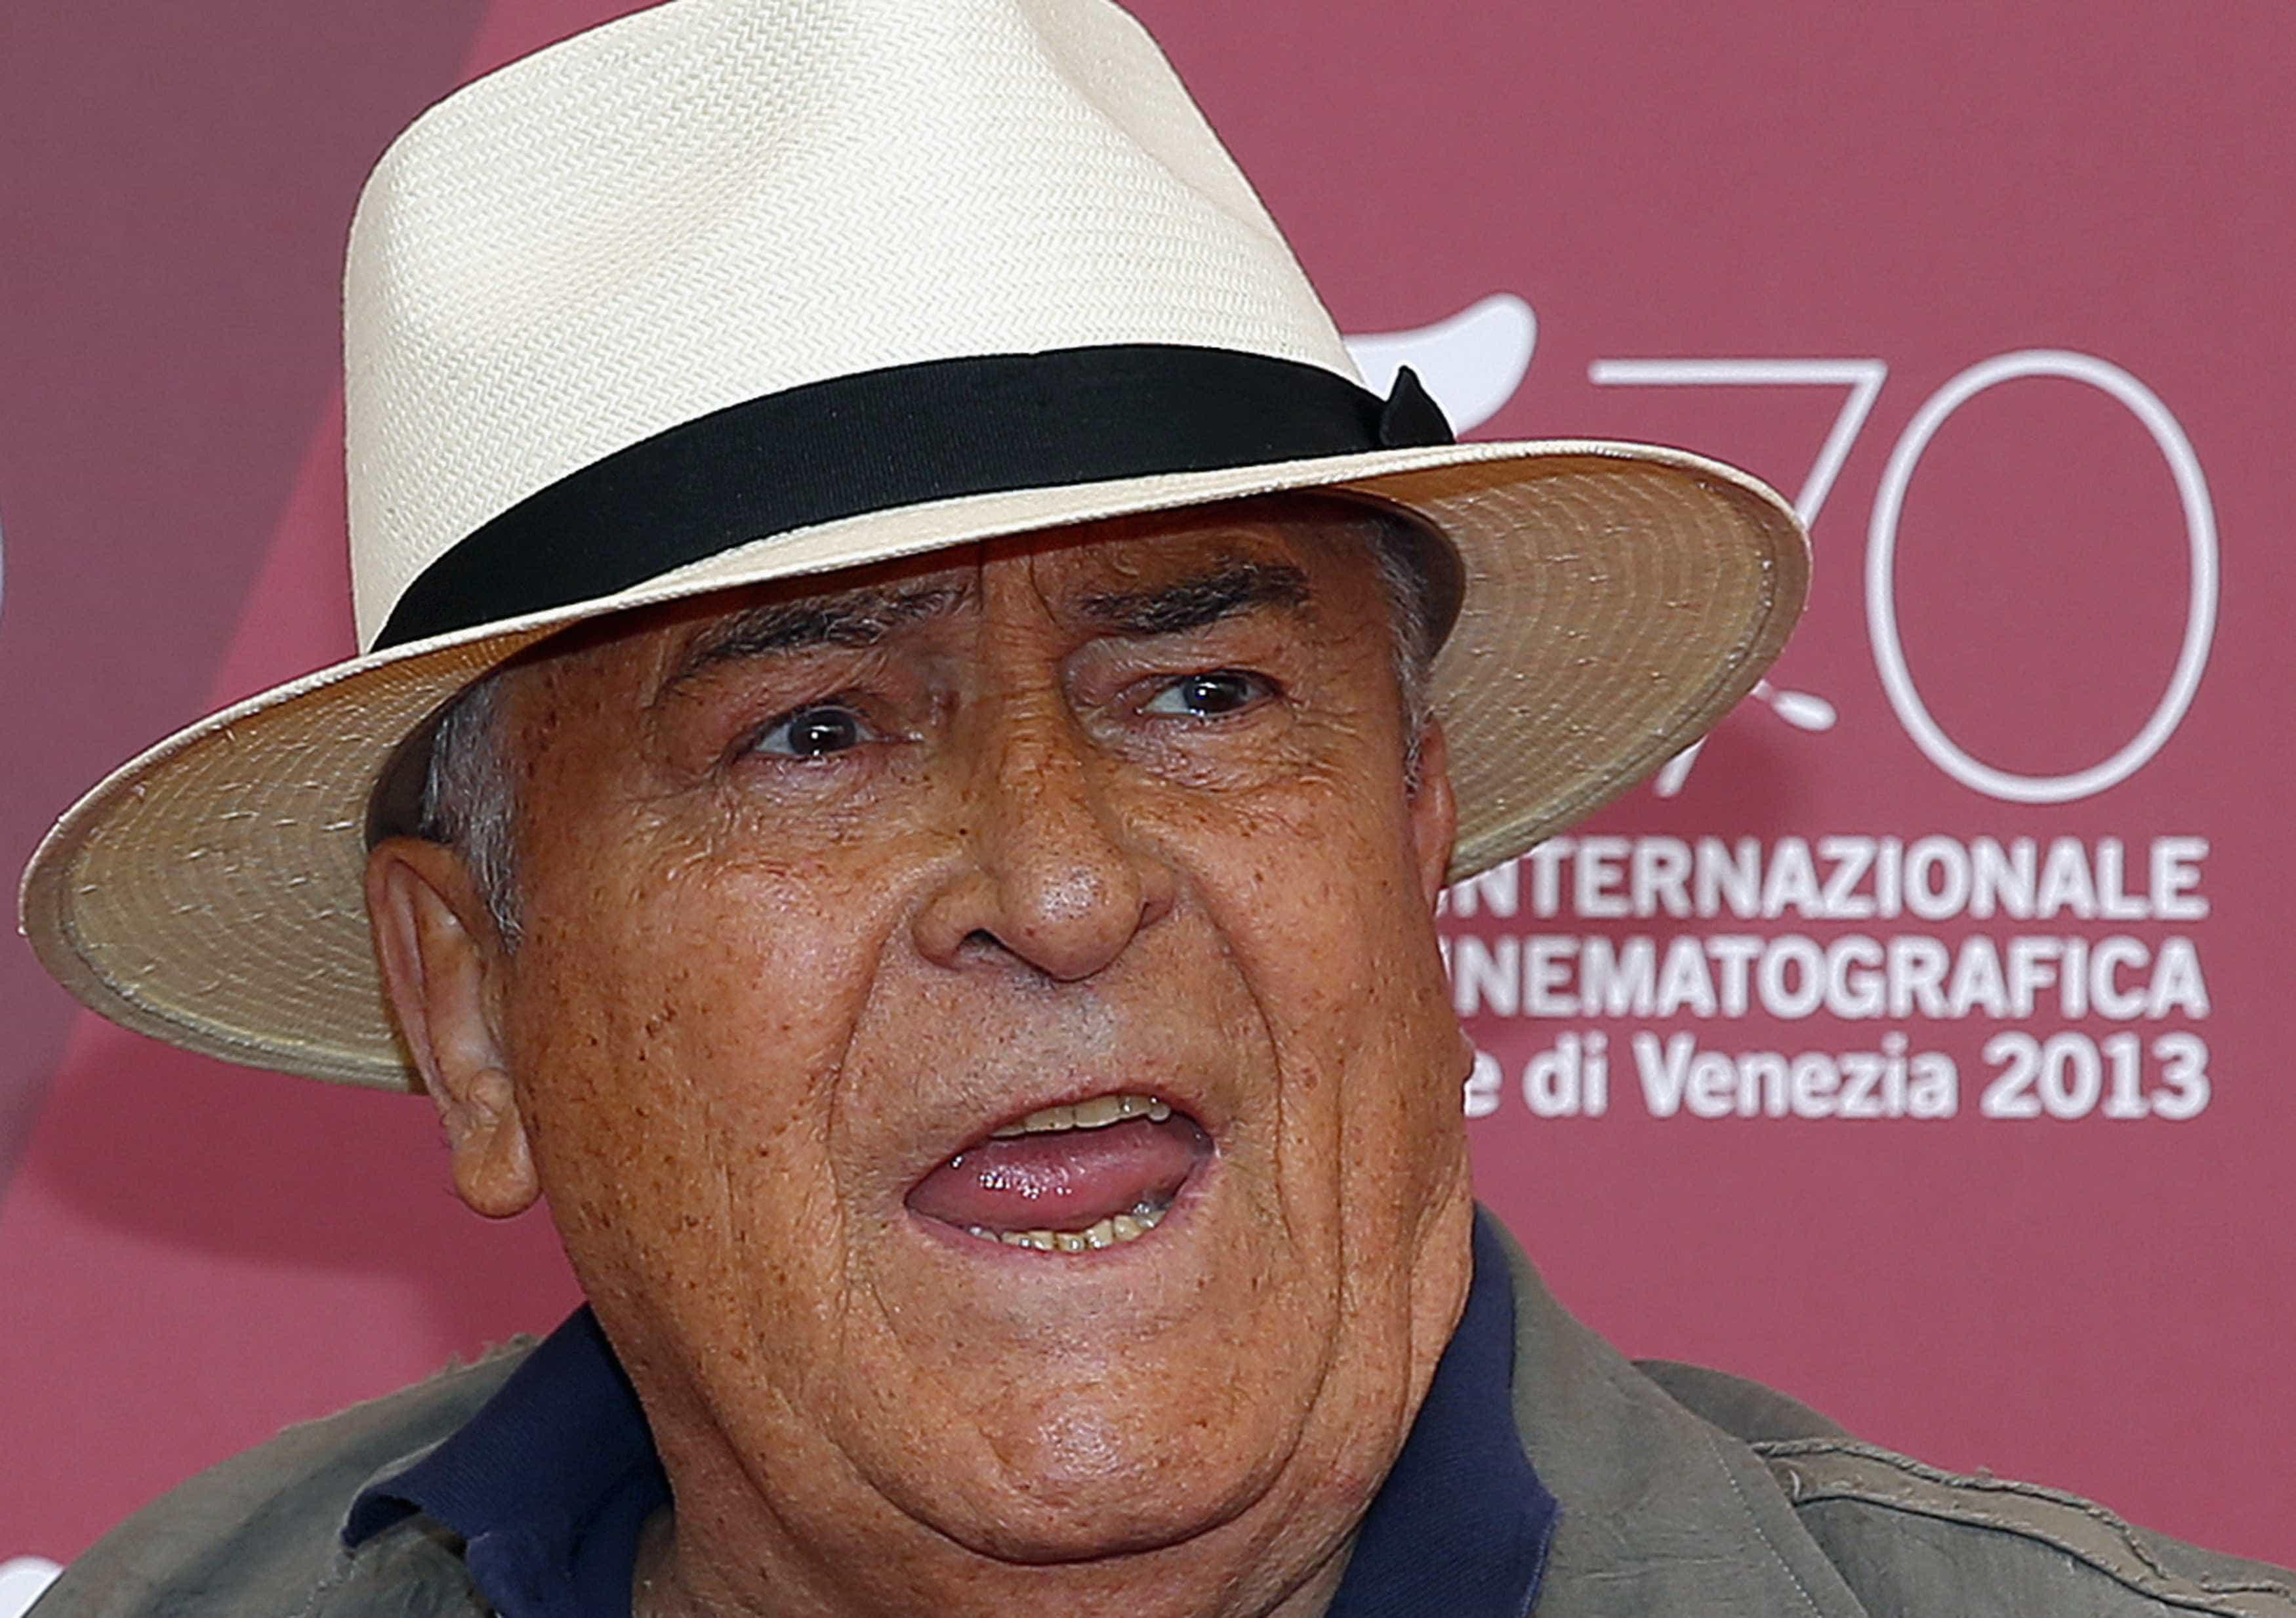 Bertolucci estava escrevendo um roteiro, diz ex-assistente brasileiro